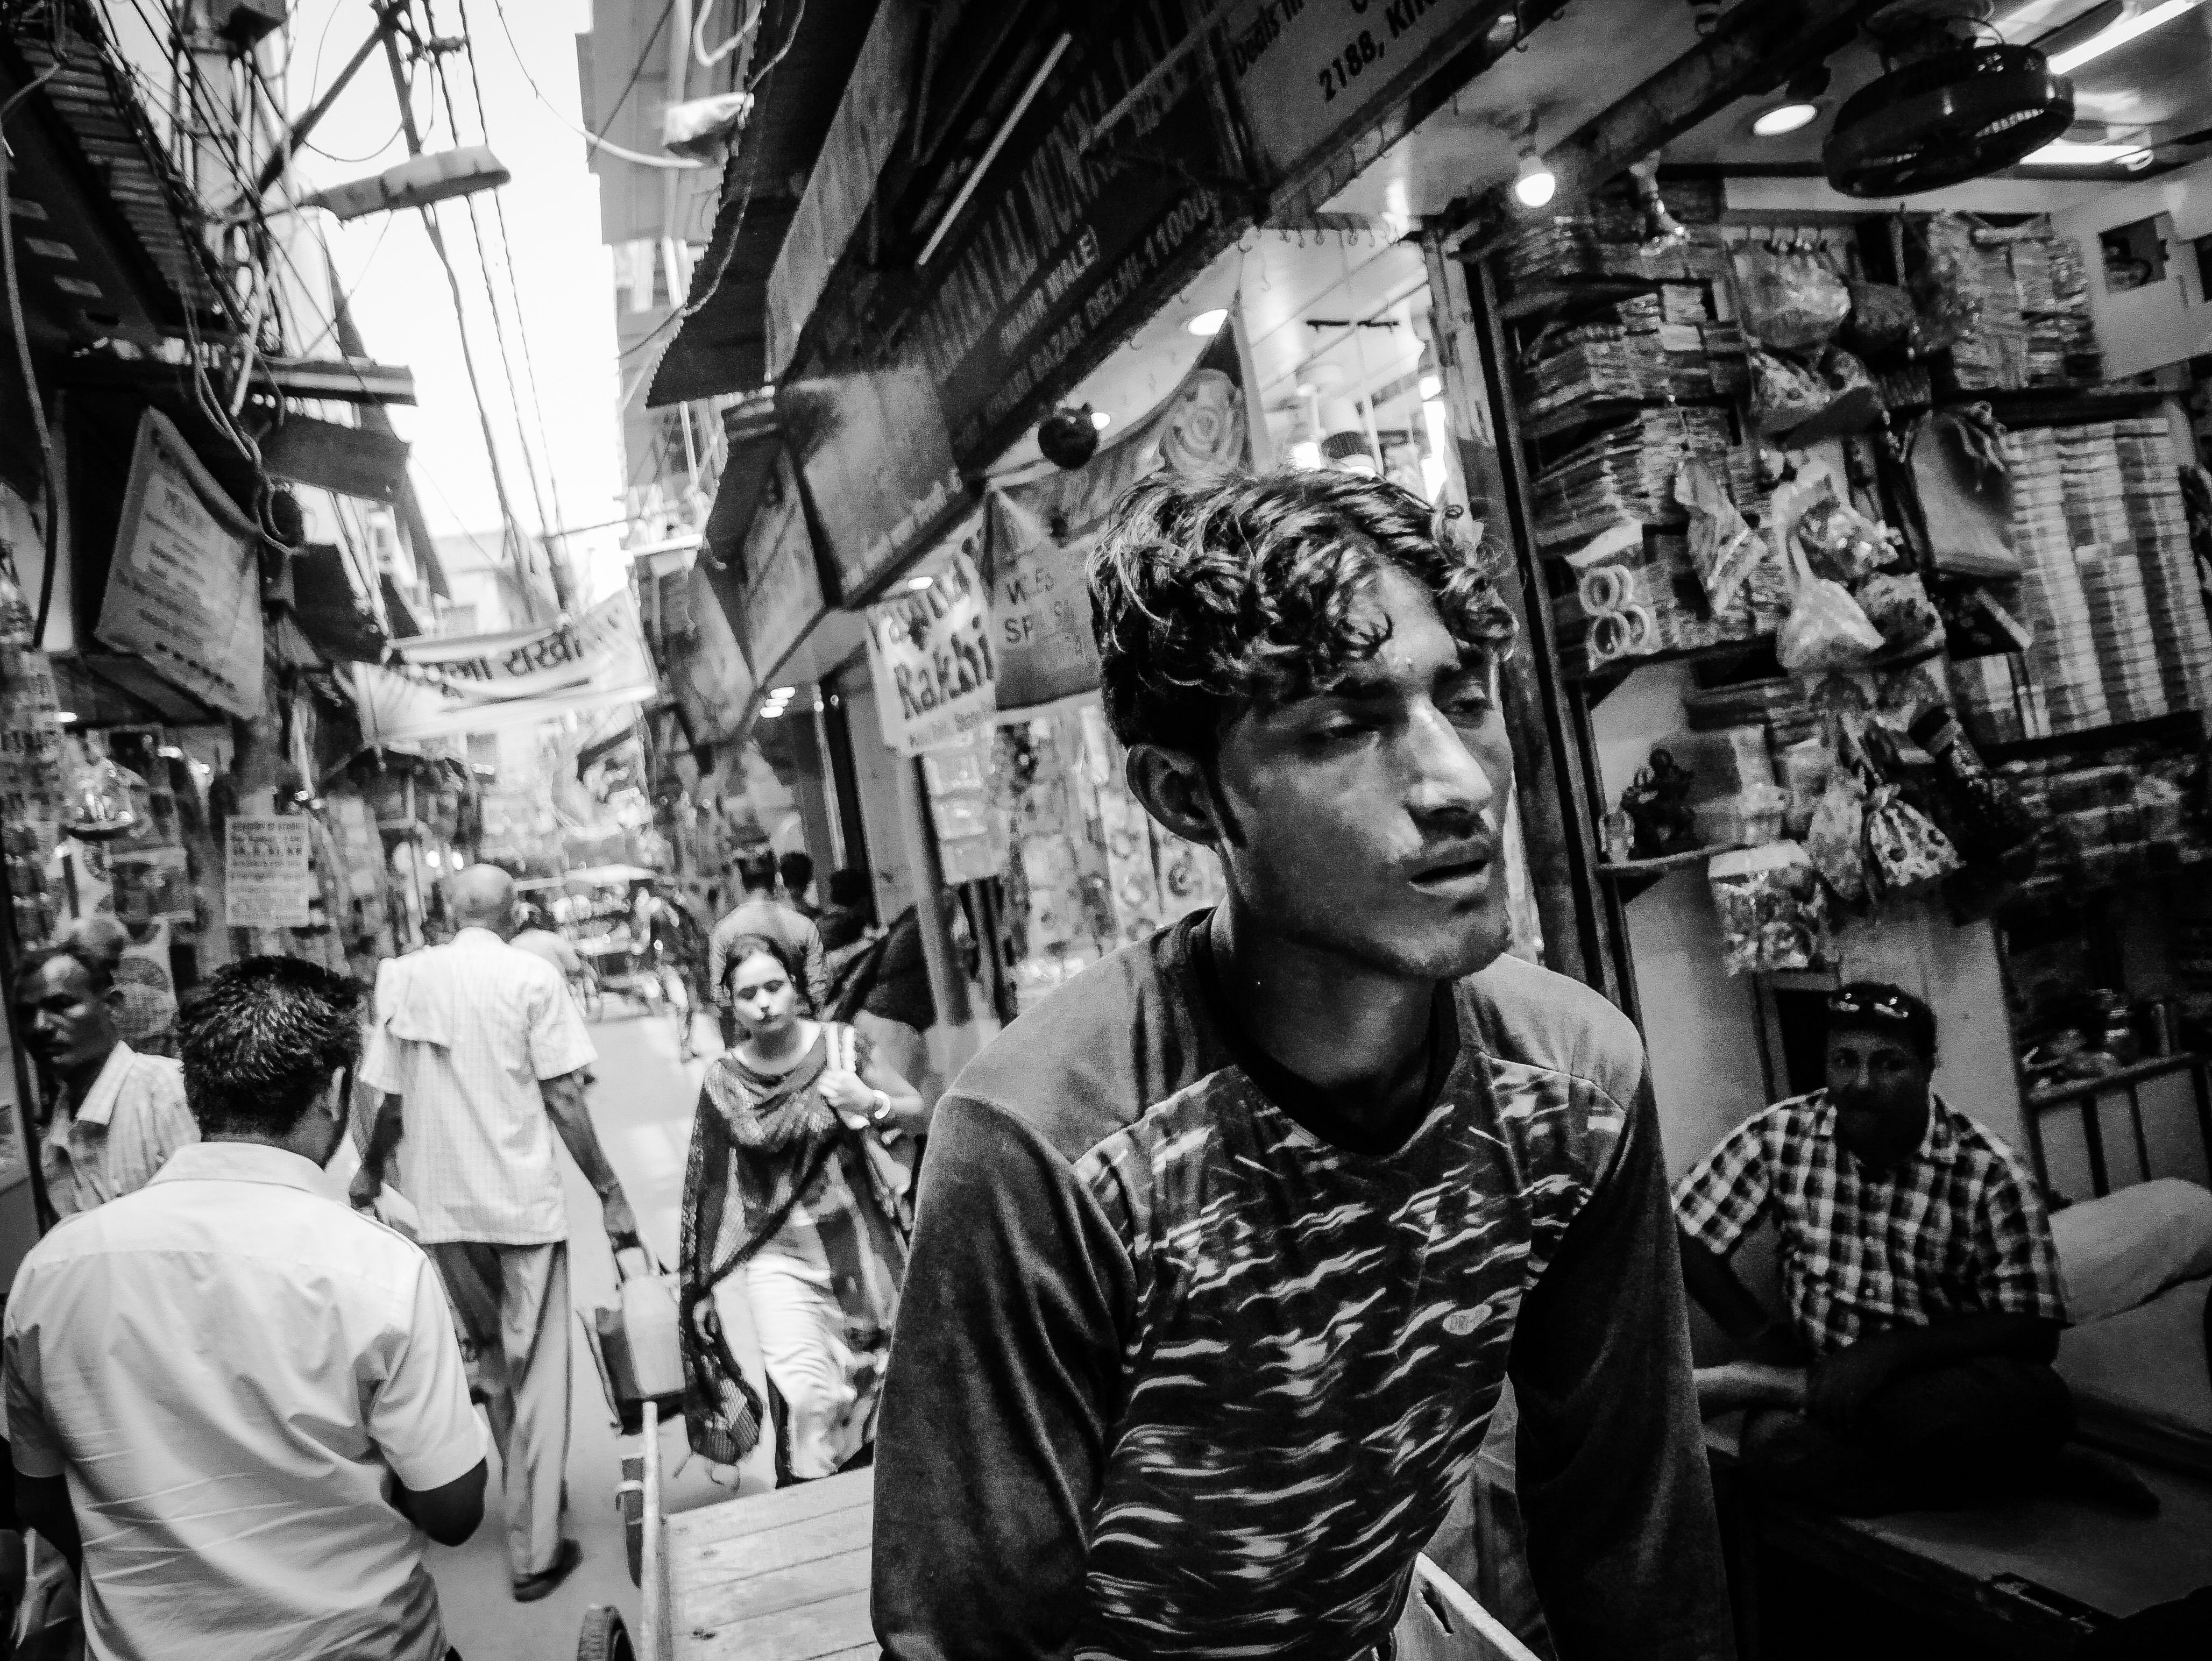 Delhi, India, August 2018